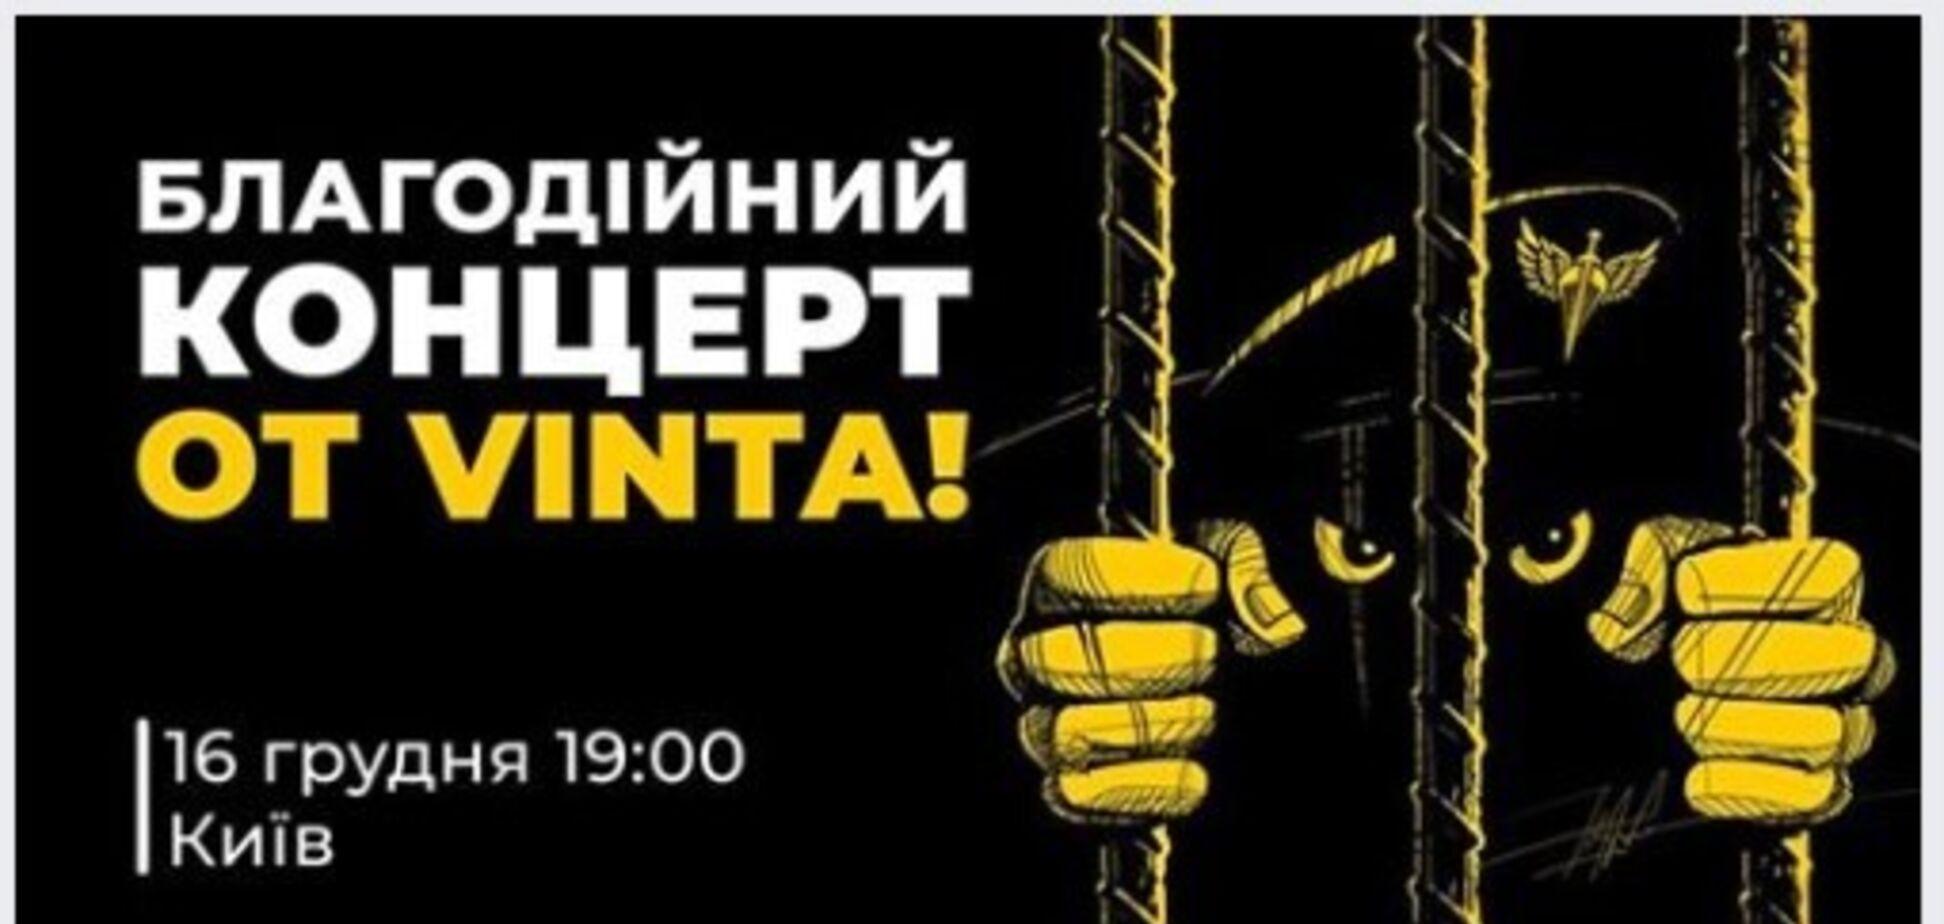 Свободу Дмитру Марченку: у Києві відбудеться благодійний концерт 'Ot Vinta'